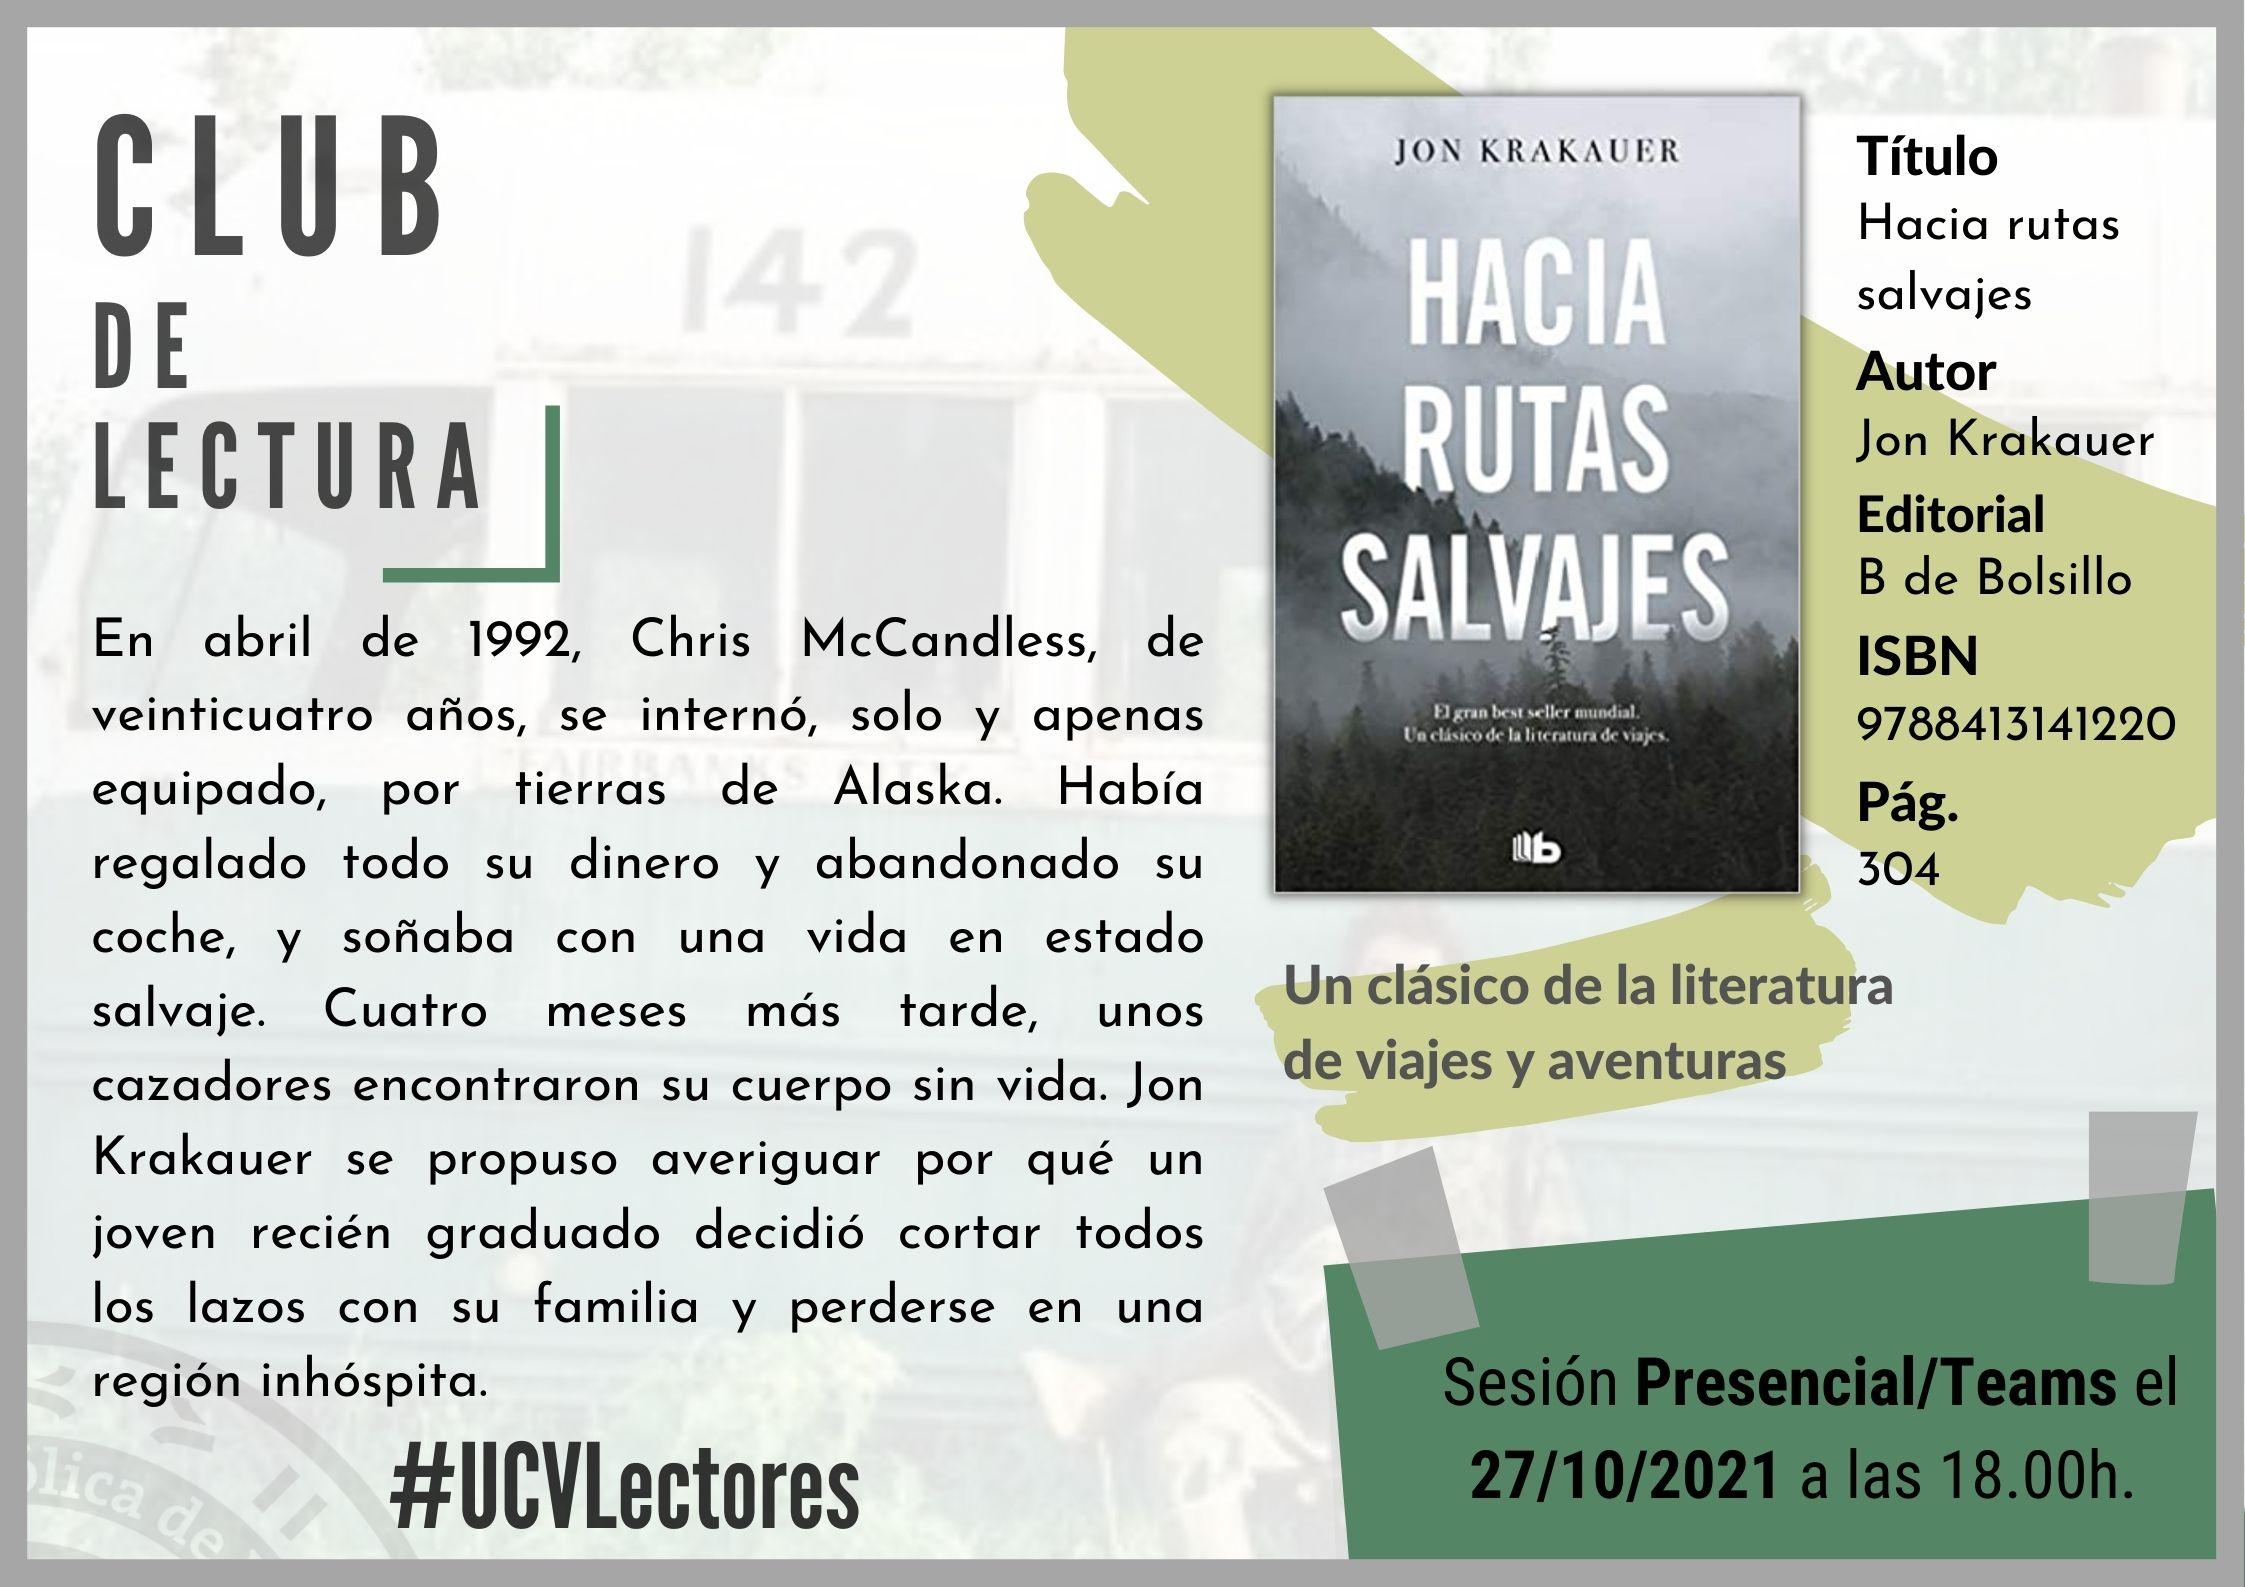 Club de Lectura - Hacia rutas salvajes02